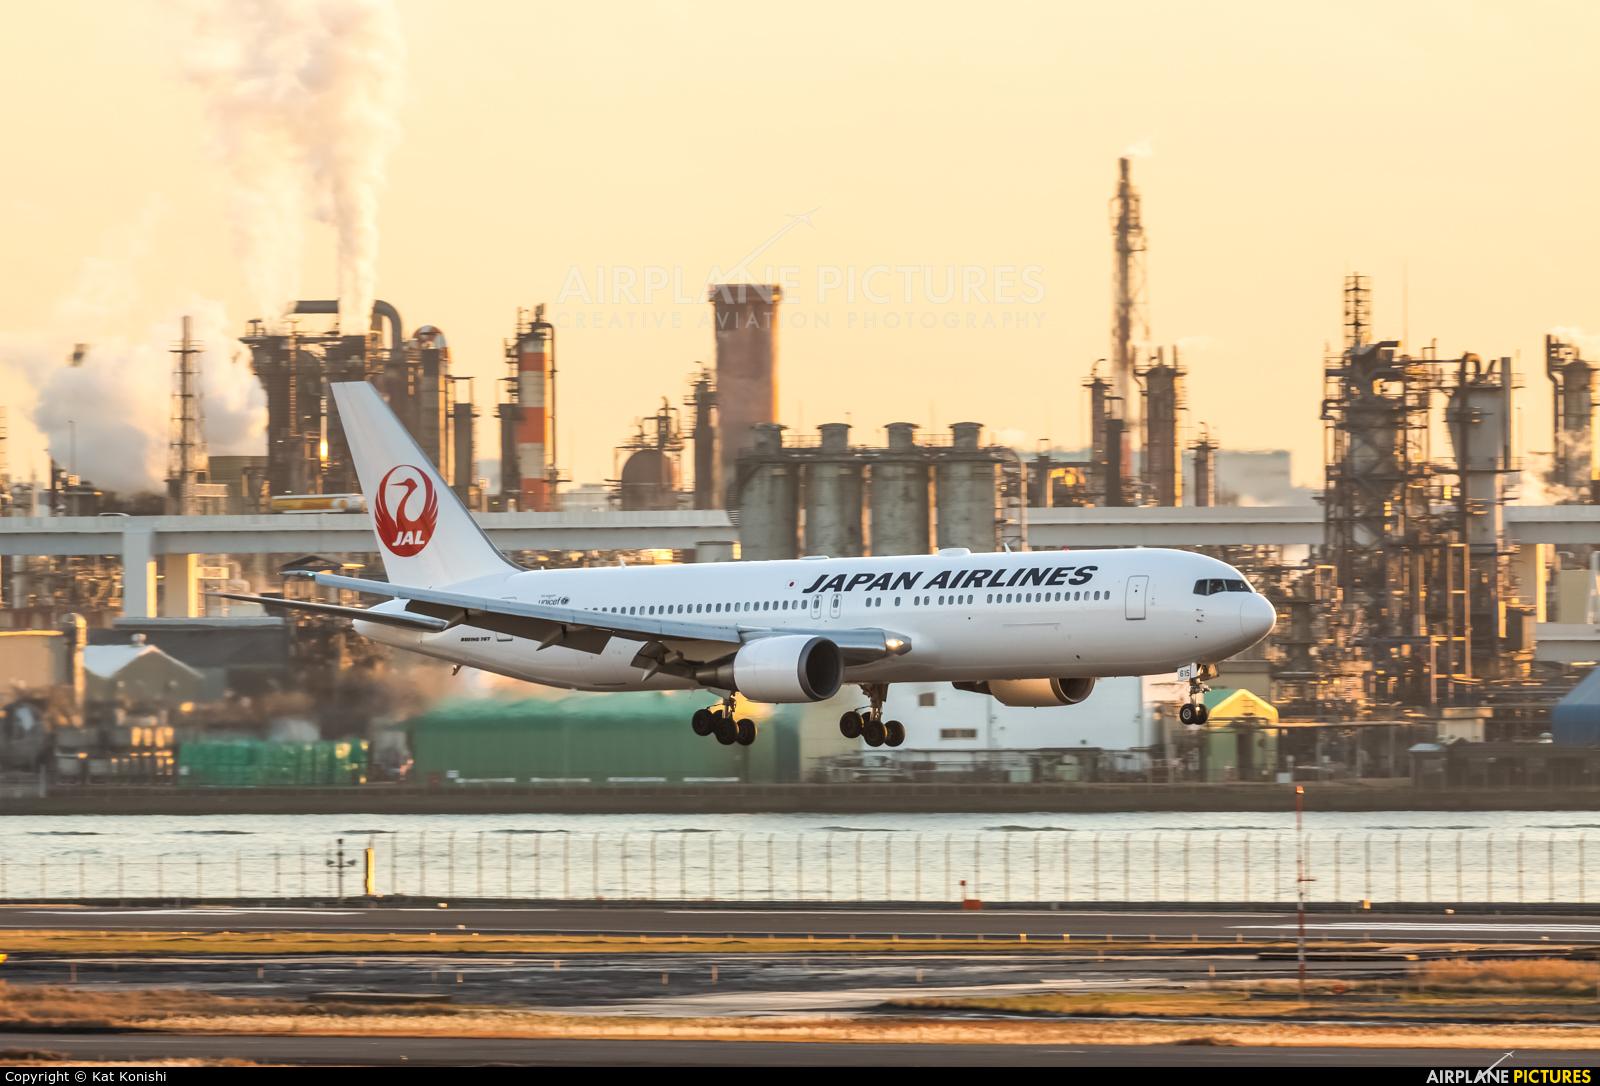 JAL - Japan Airlines JA615J aircraft at Tokyo - Haneda Intl